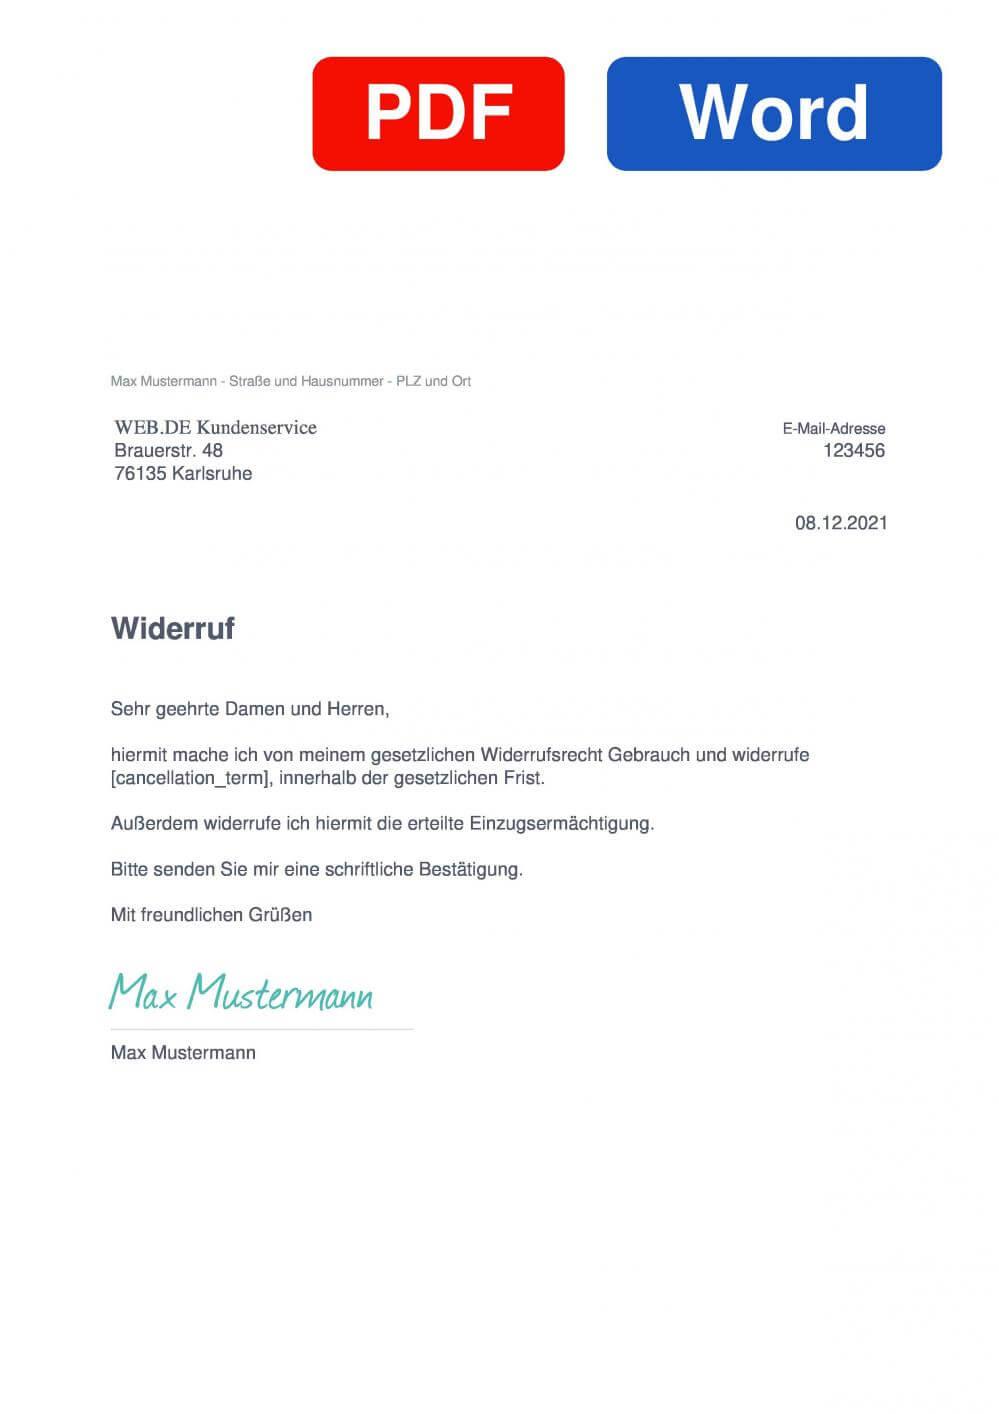 web.de Muster Vorlage für Wiederrufsschreiben